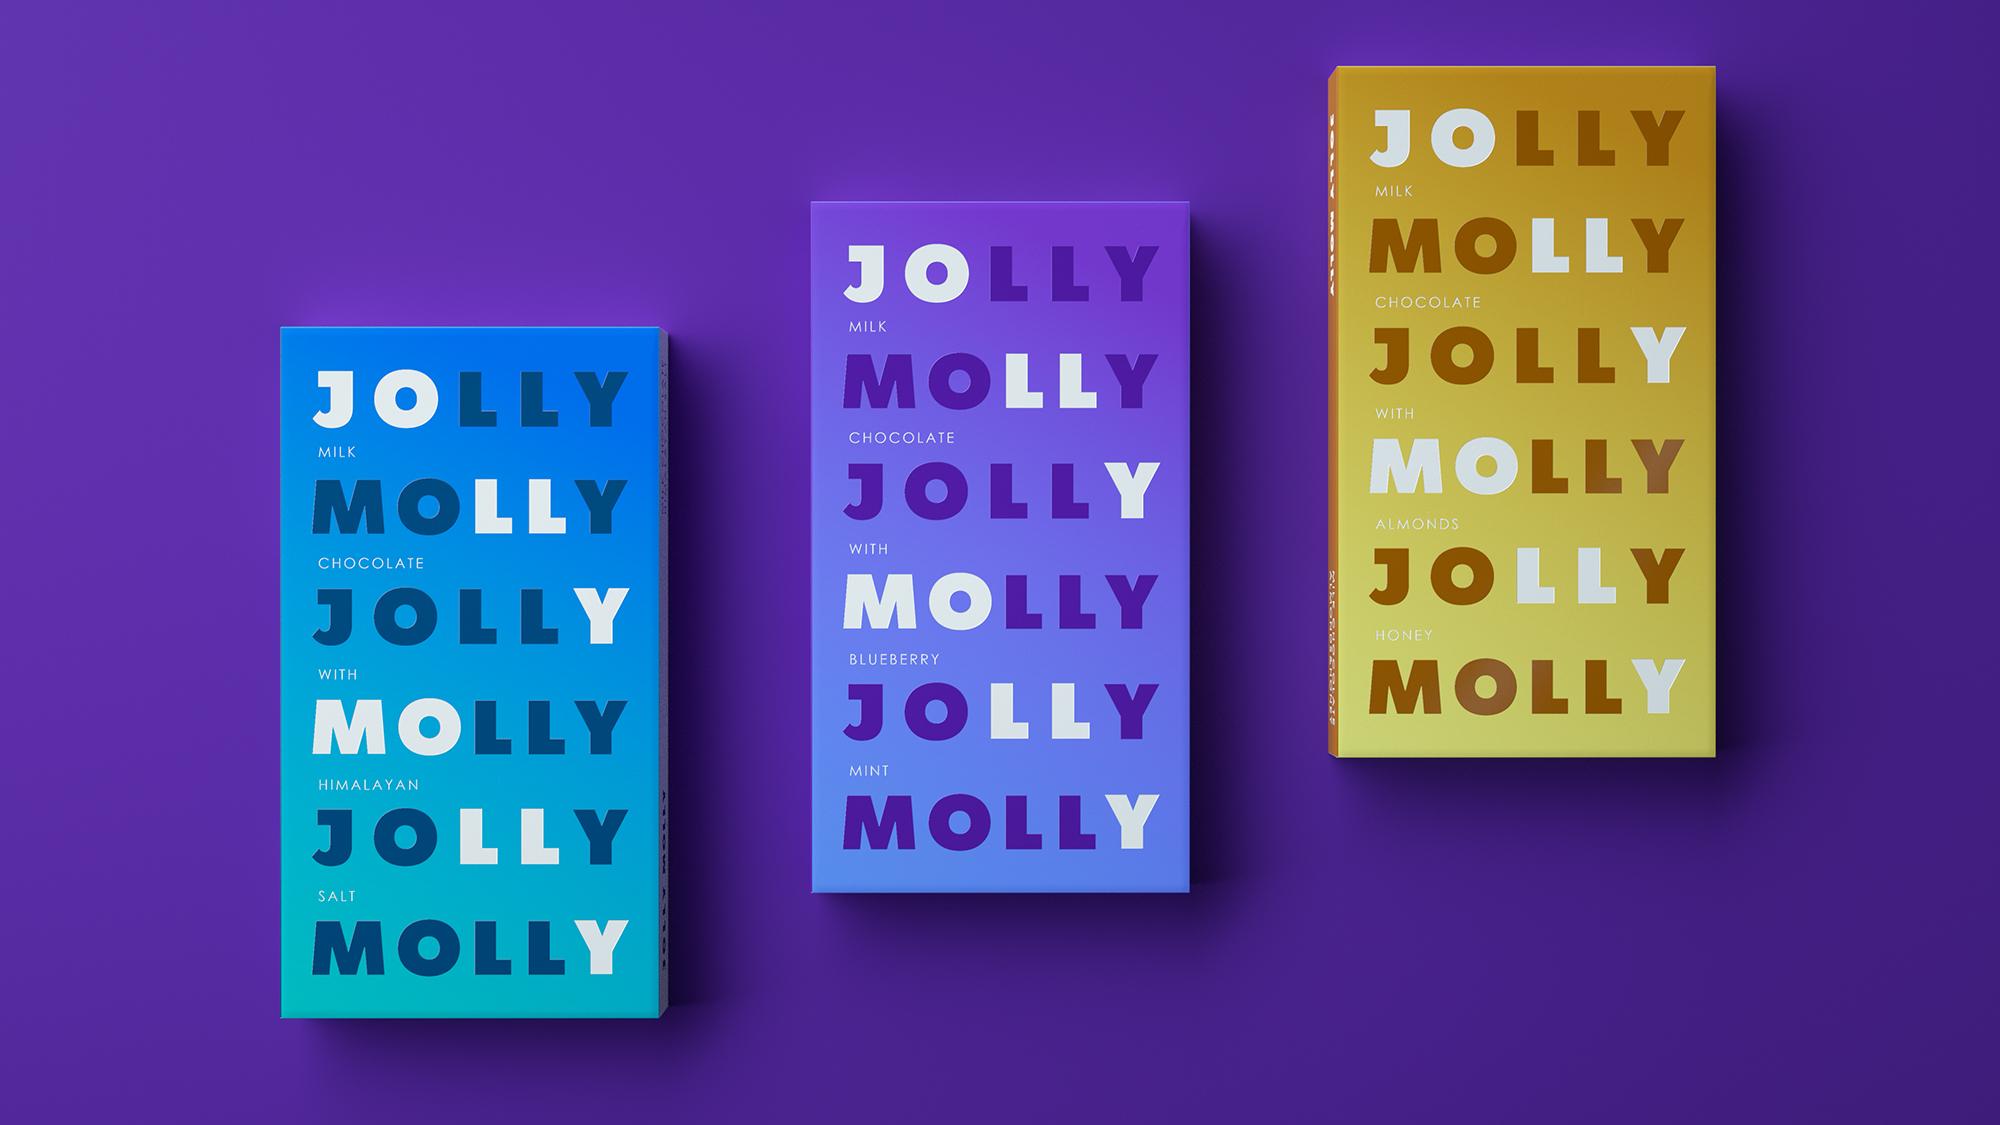 Jolly-Molly-03.jpg